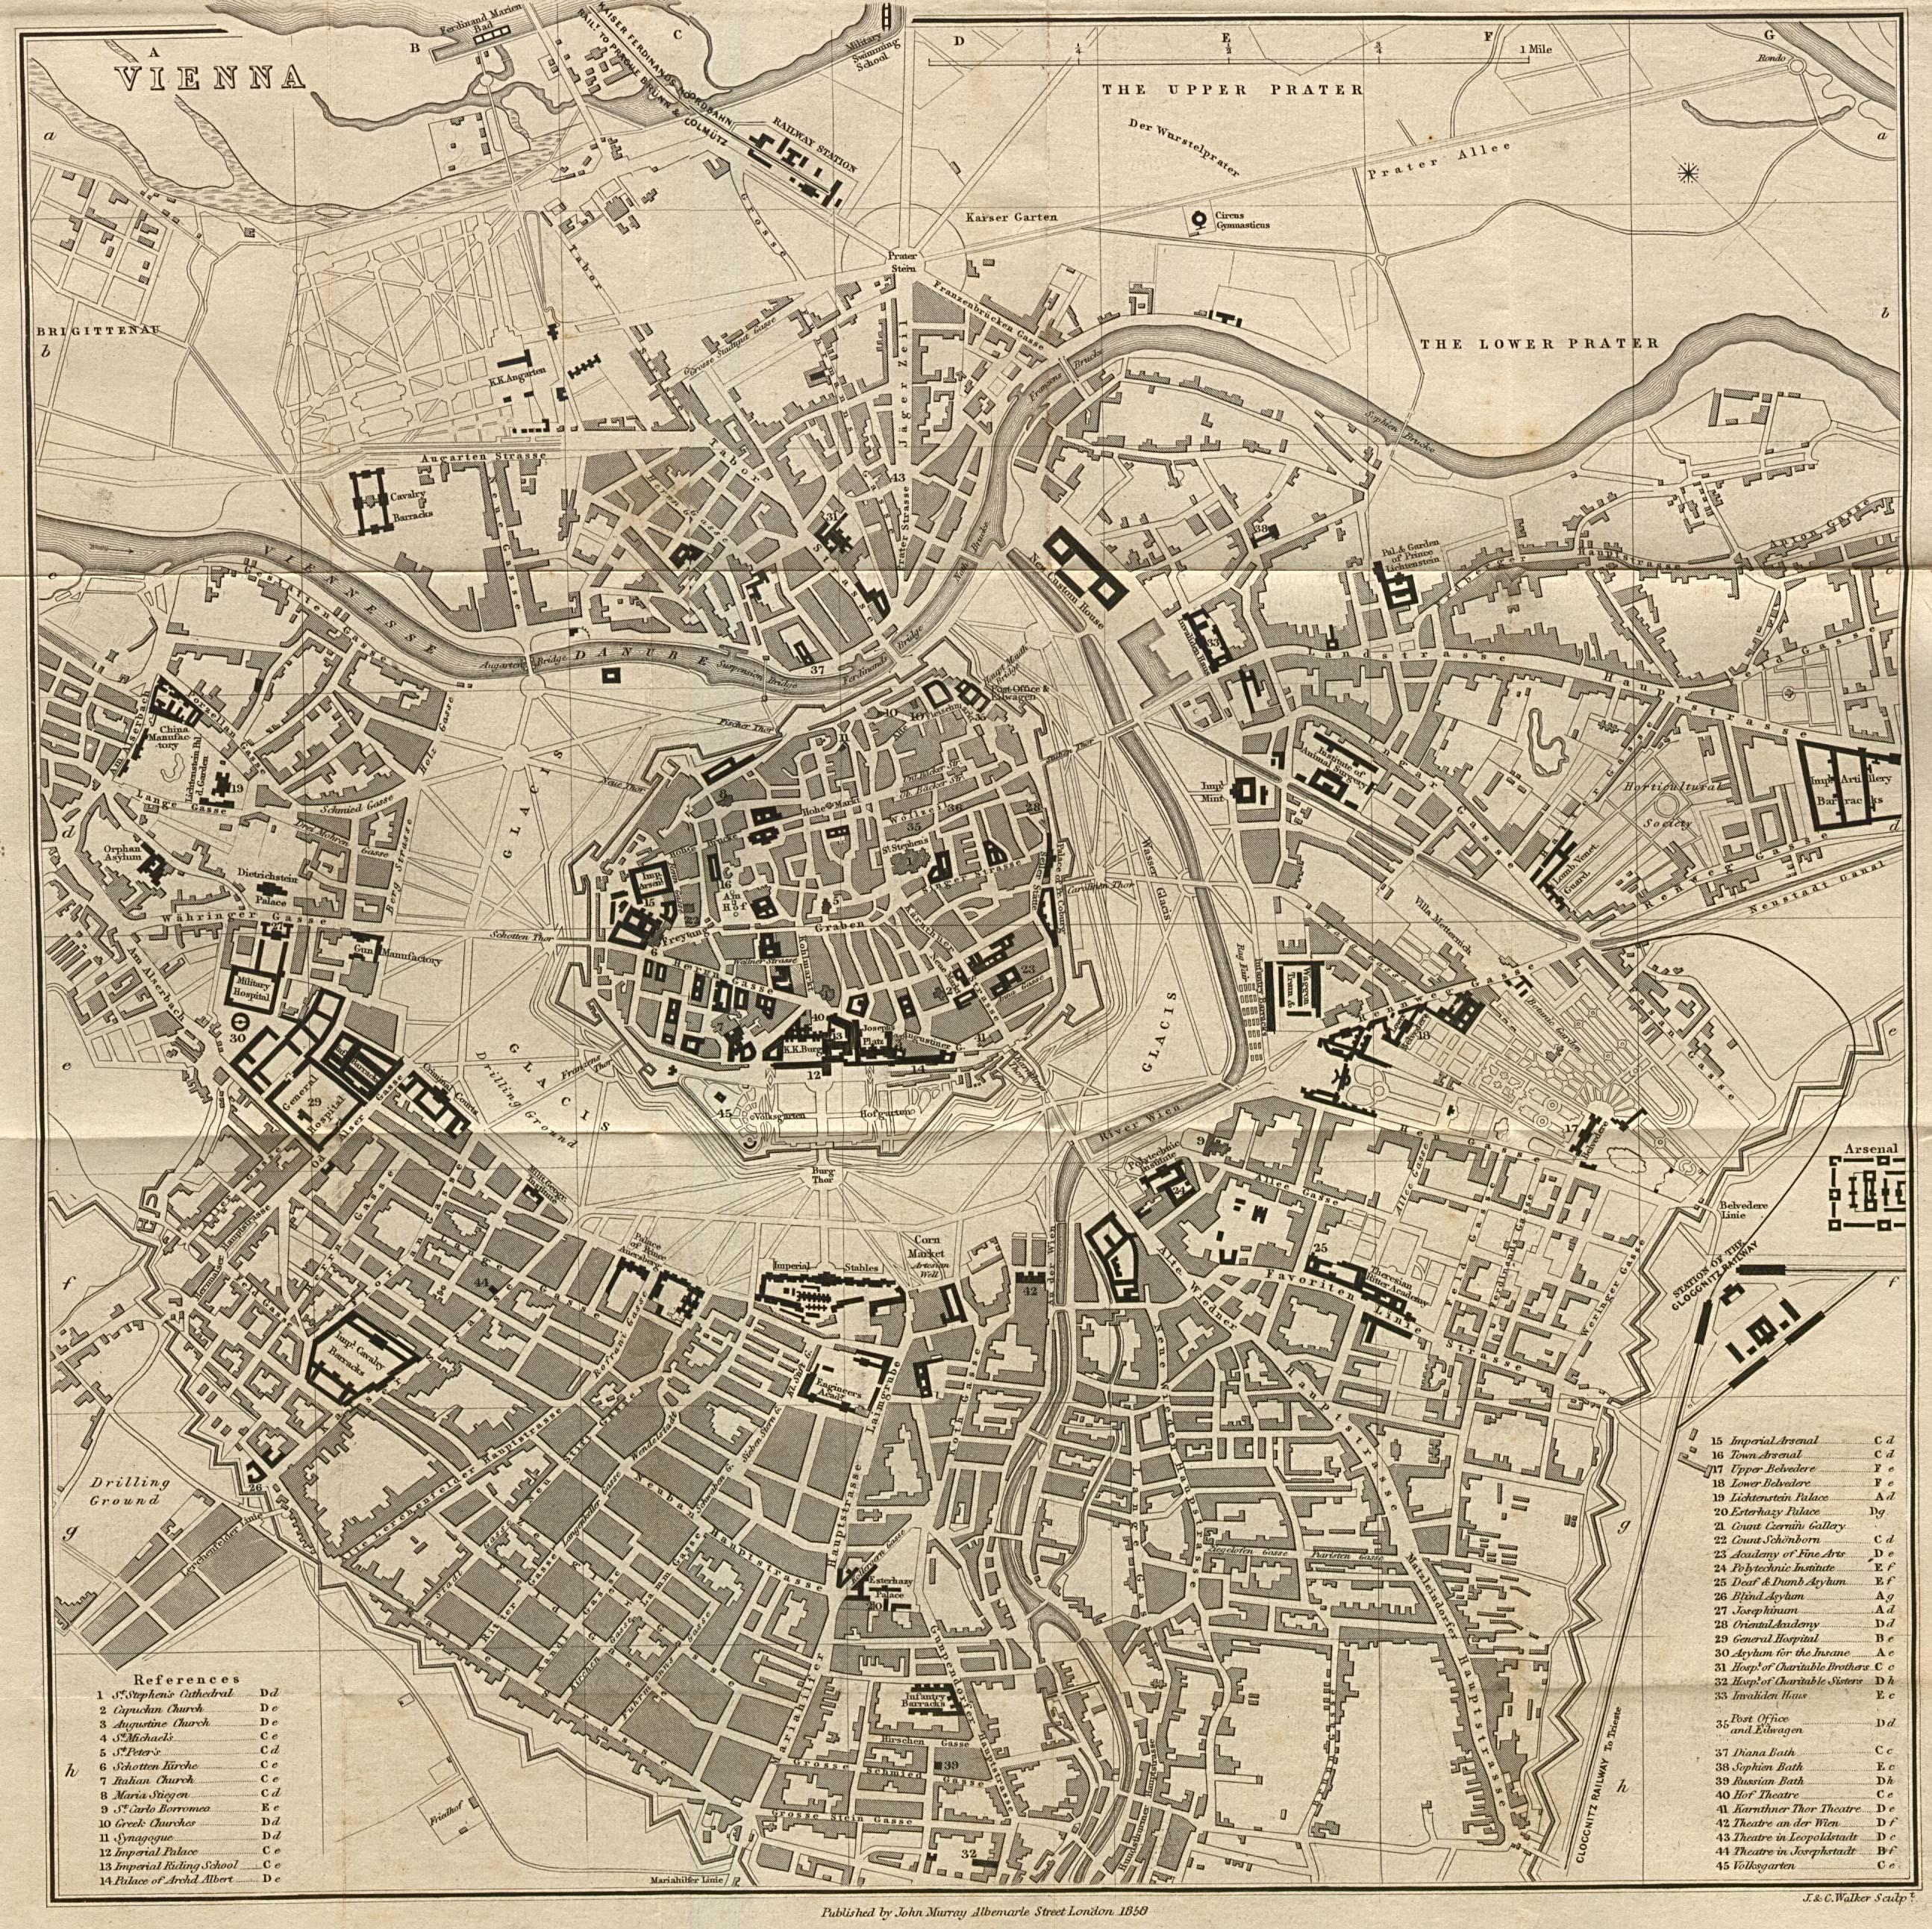 Mapa de la Ciudad de Viena, Austria 1858